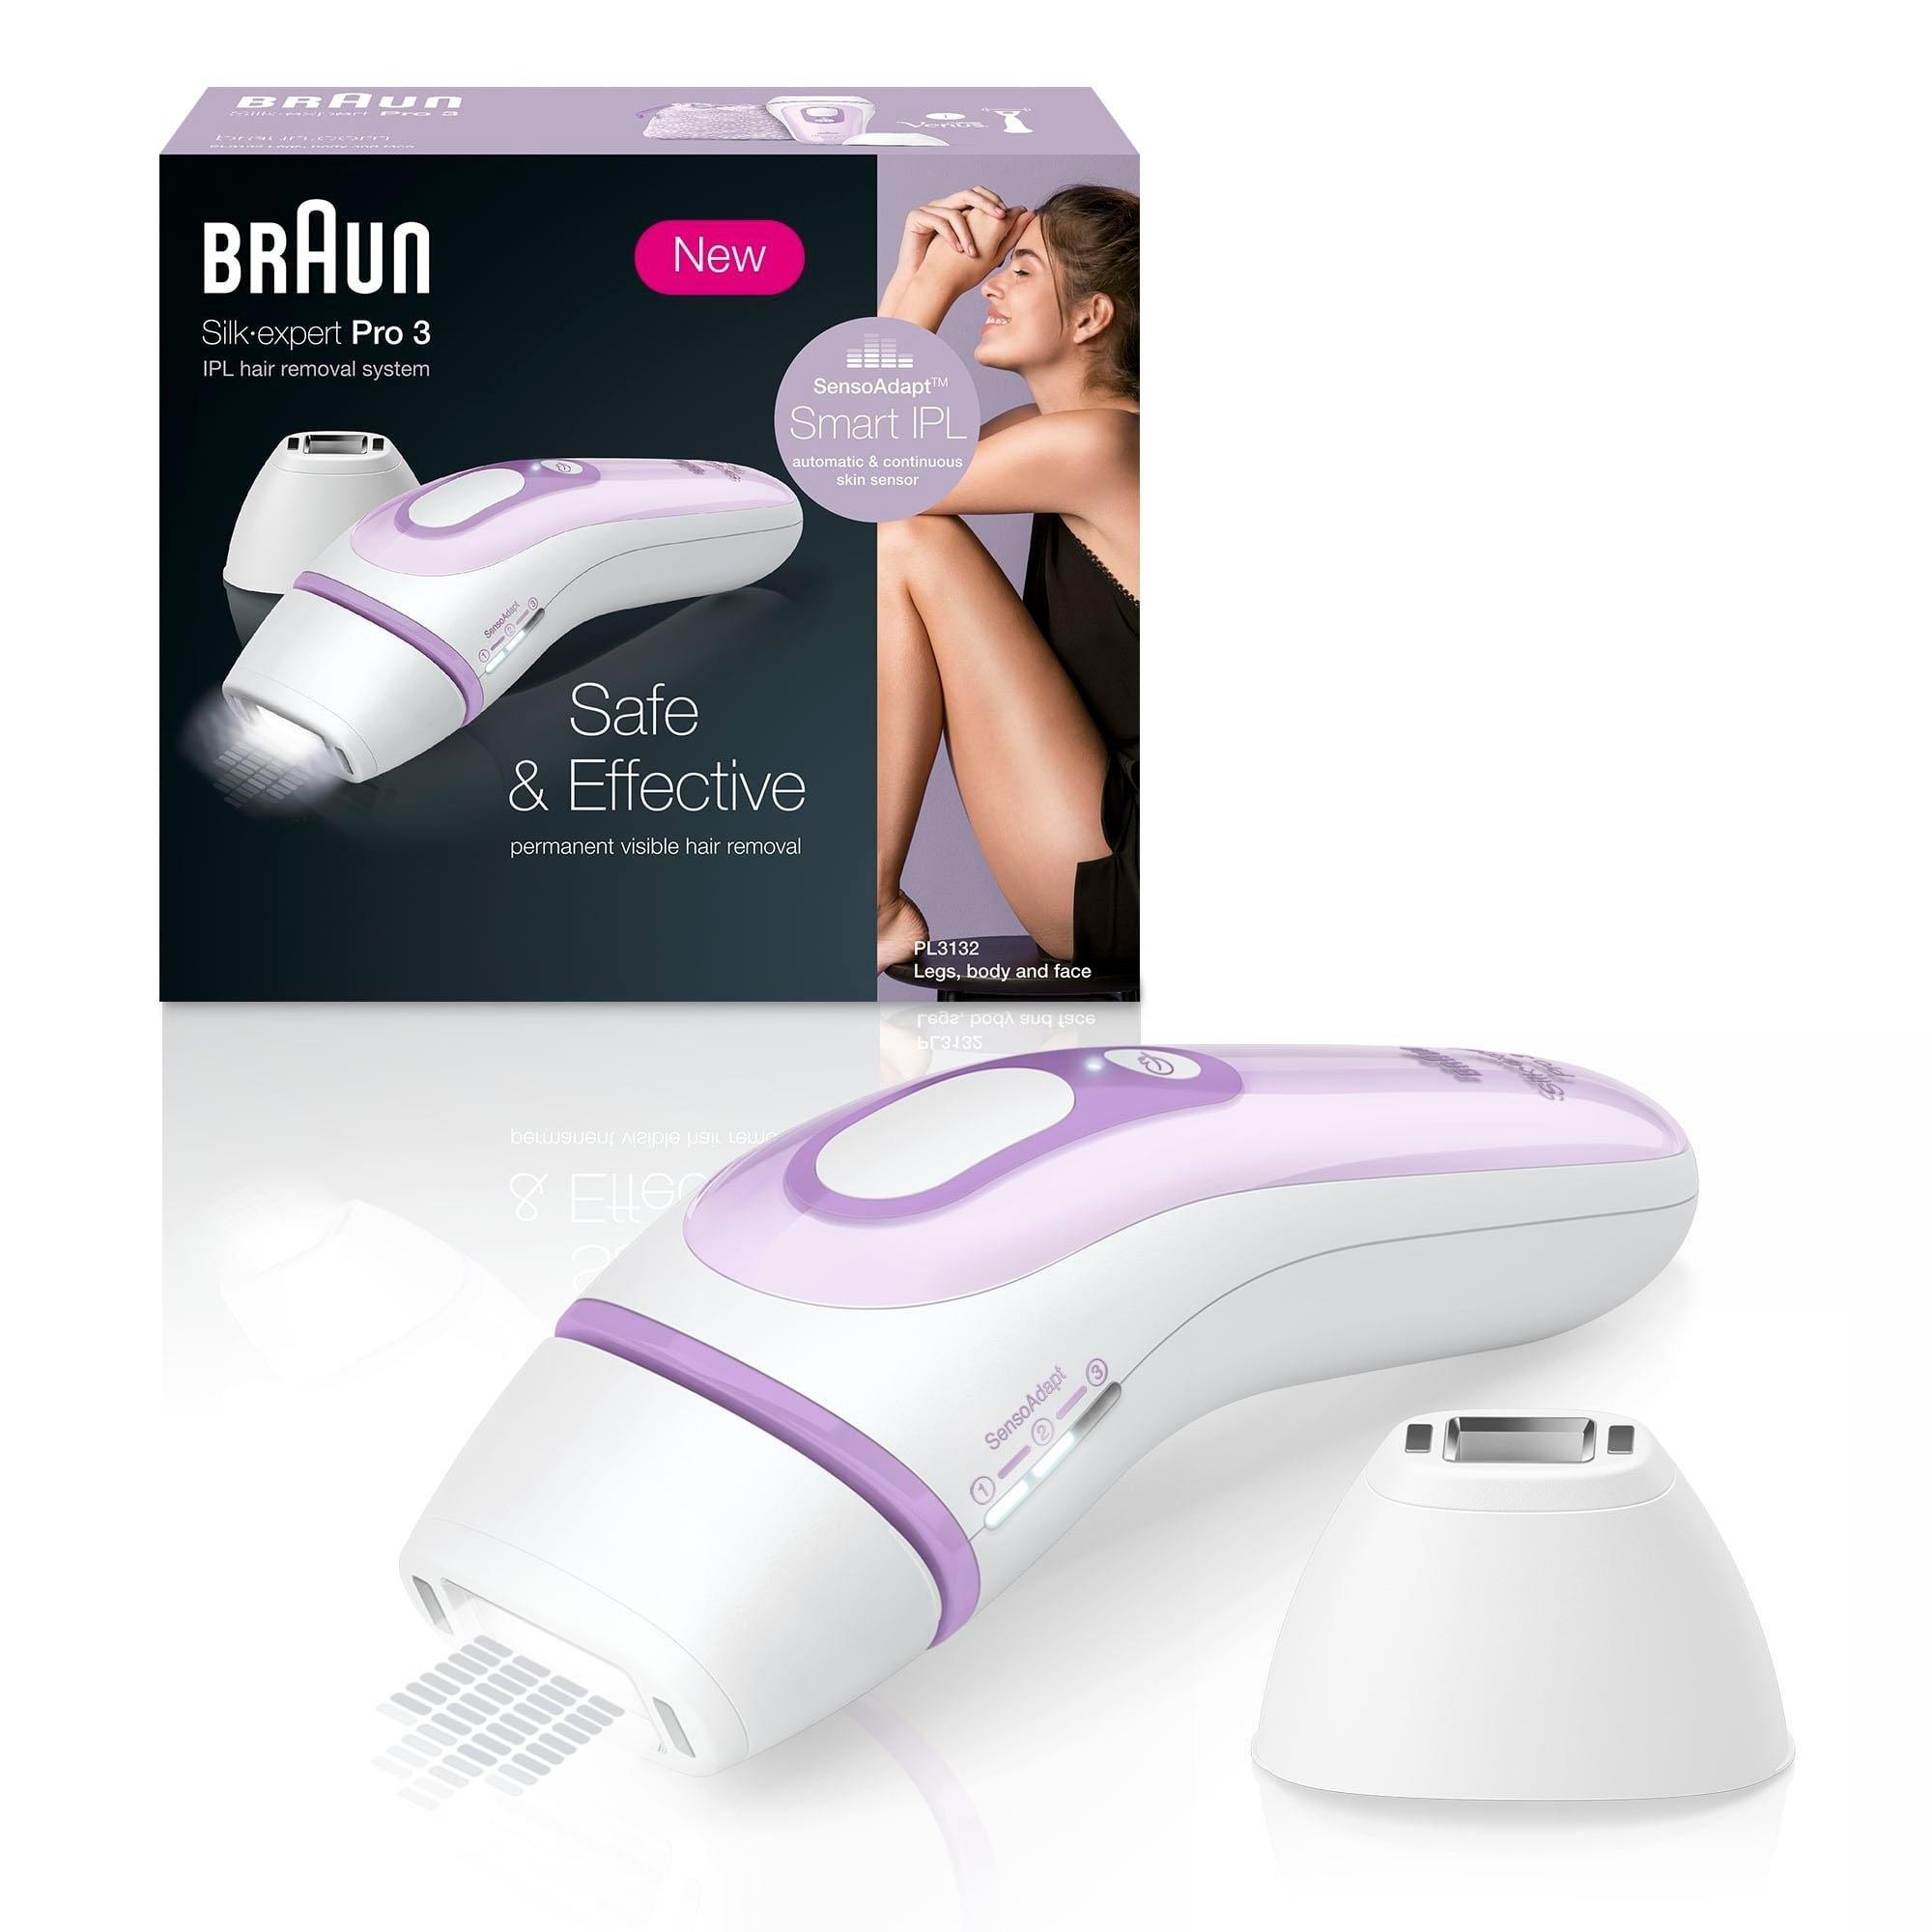 Braun IPL-ontharingsapparaat Silk·Expert Pro 3 PL3132, 300.000 lichtpulsen - gratis ruilen op otto.nl